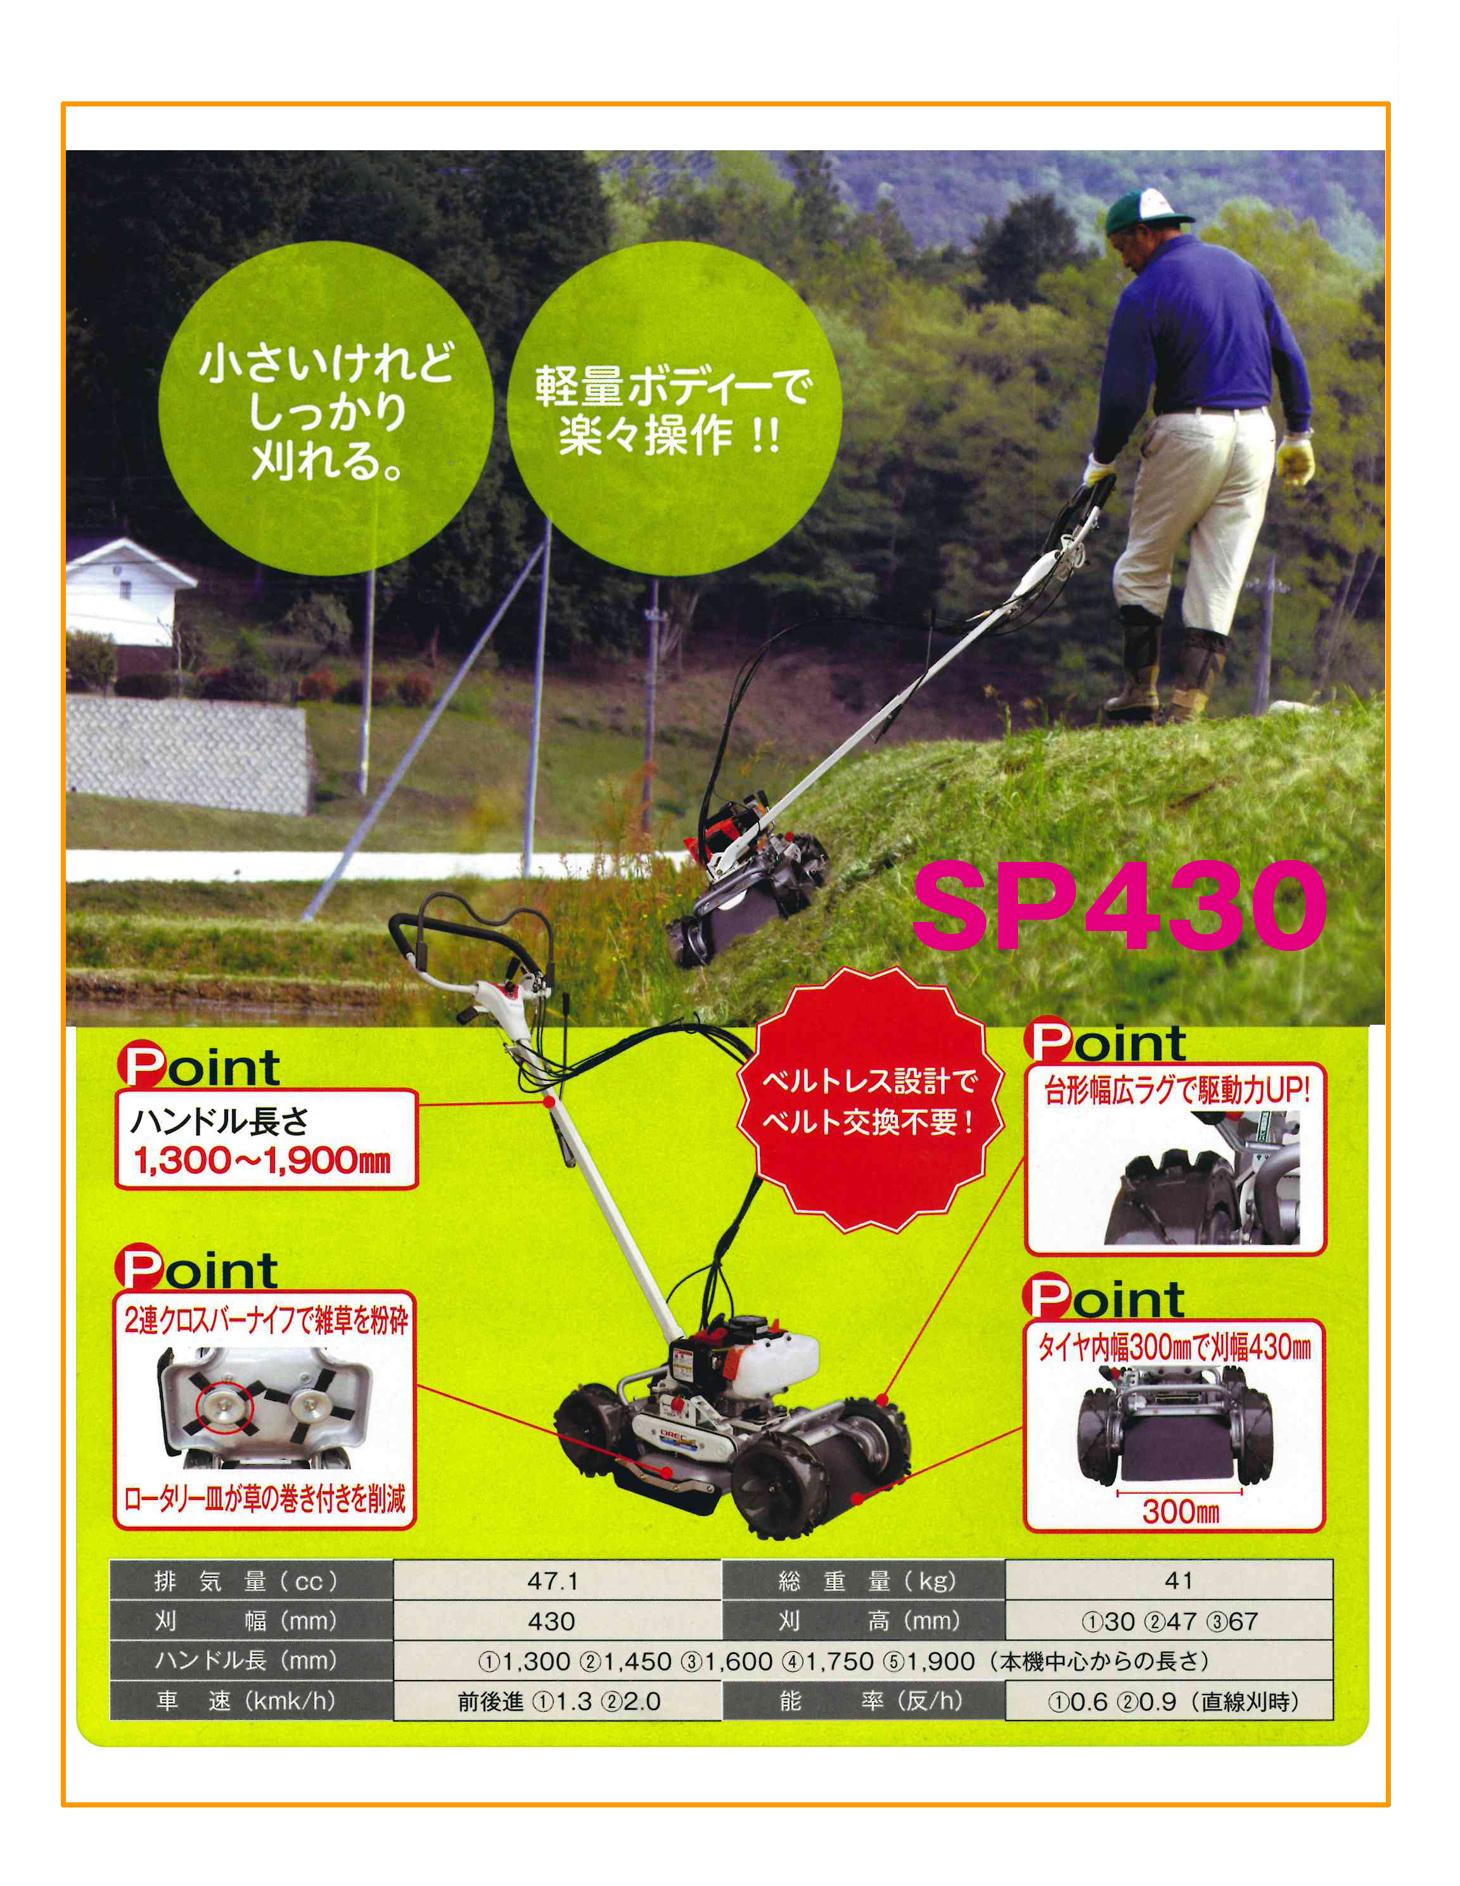 オーレック スパイダーモアーSP430A